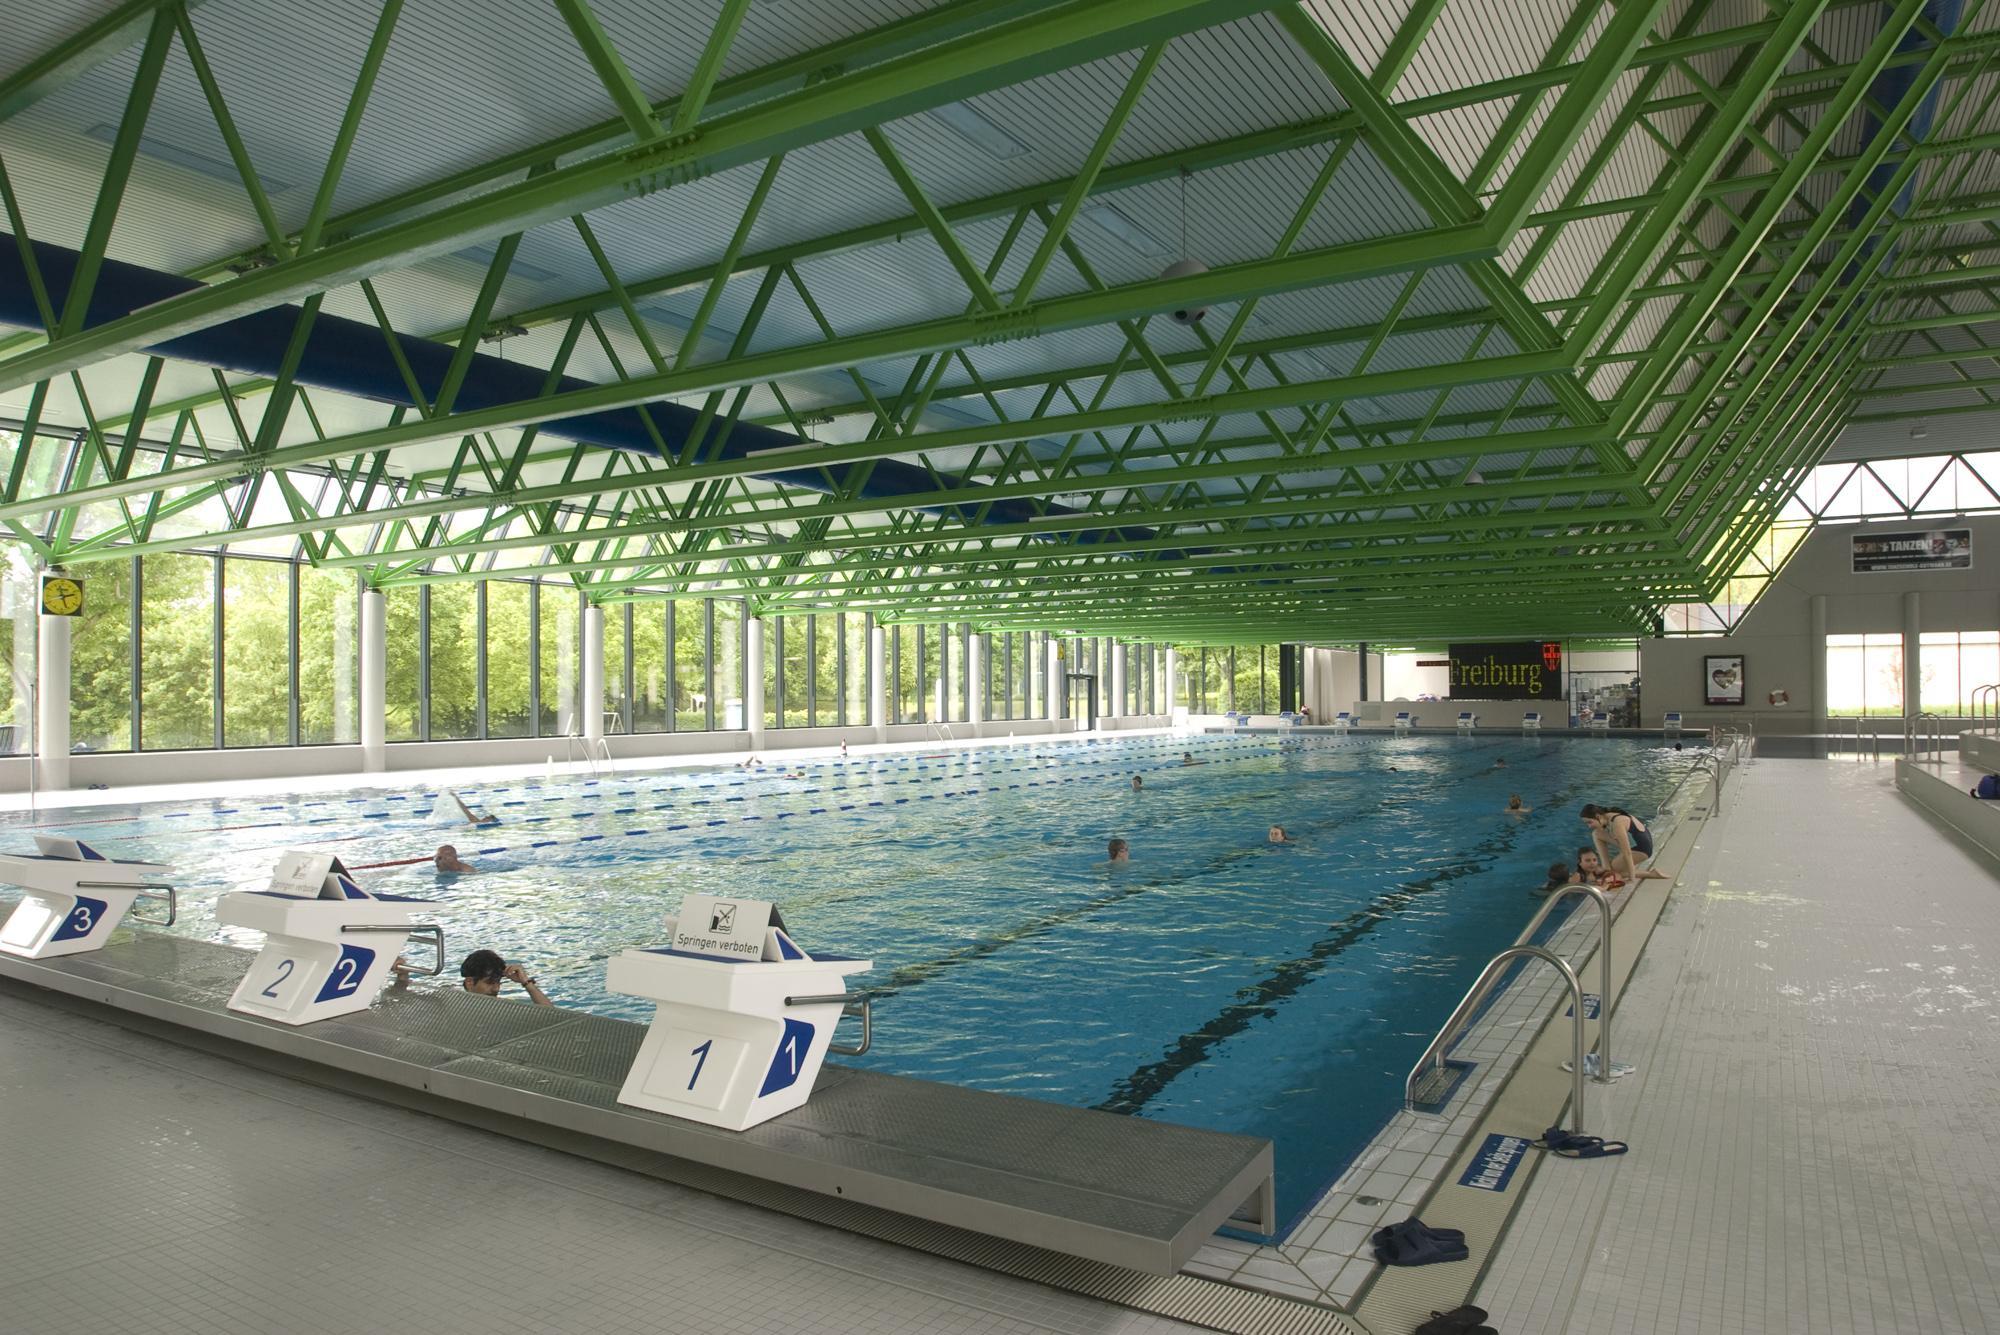 Schwimmerbecken im Westbad